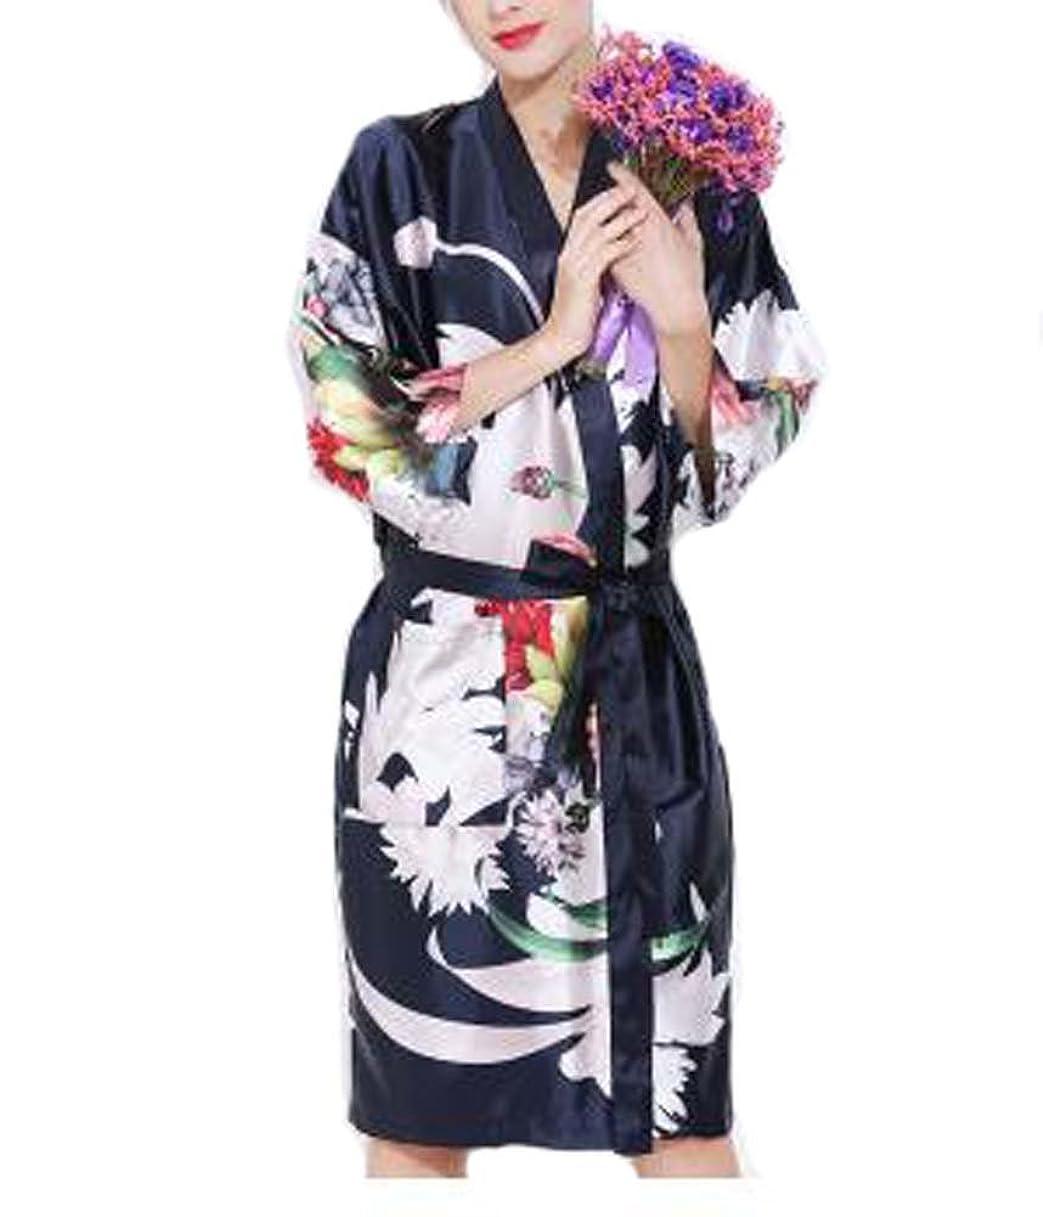 縁注ぎます四分円レトロスタイルの美容院の花のガウンの衣類、顧客のための美容院のガウン、ネイビー